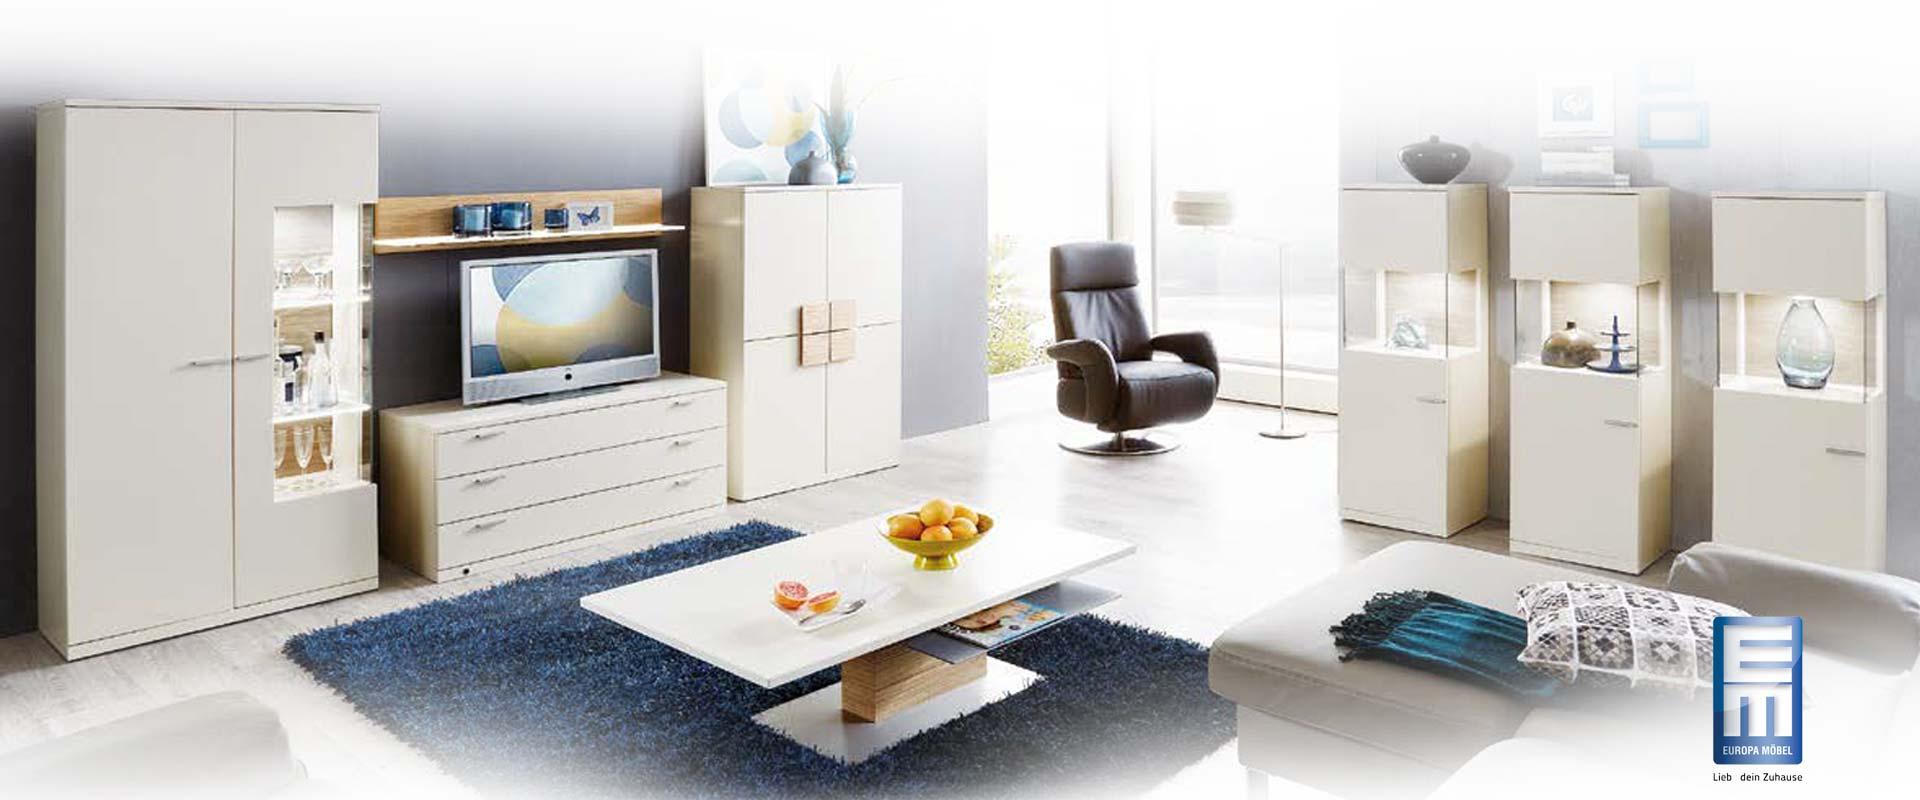 domeyer m bel und k chen aktuelles bei domeyer. Black Bedroom Furniture Sets. Home Design Ideas